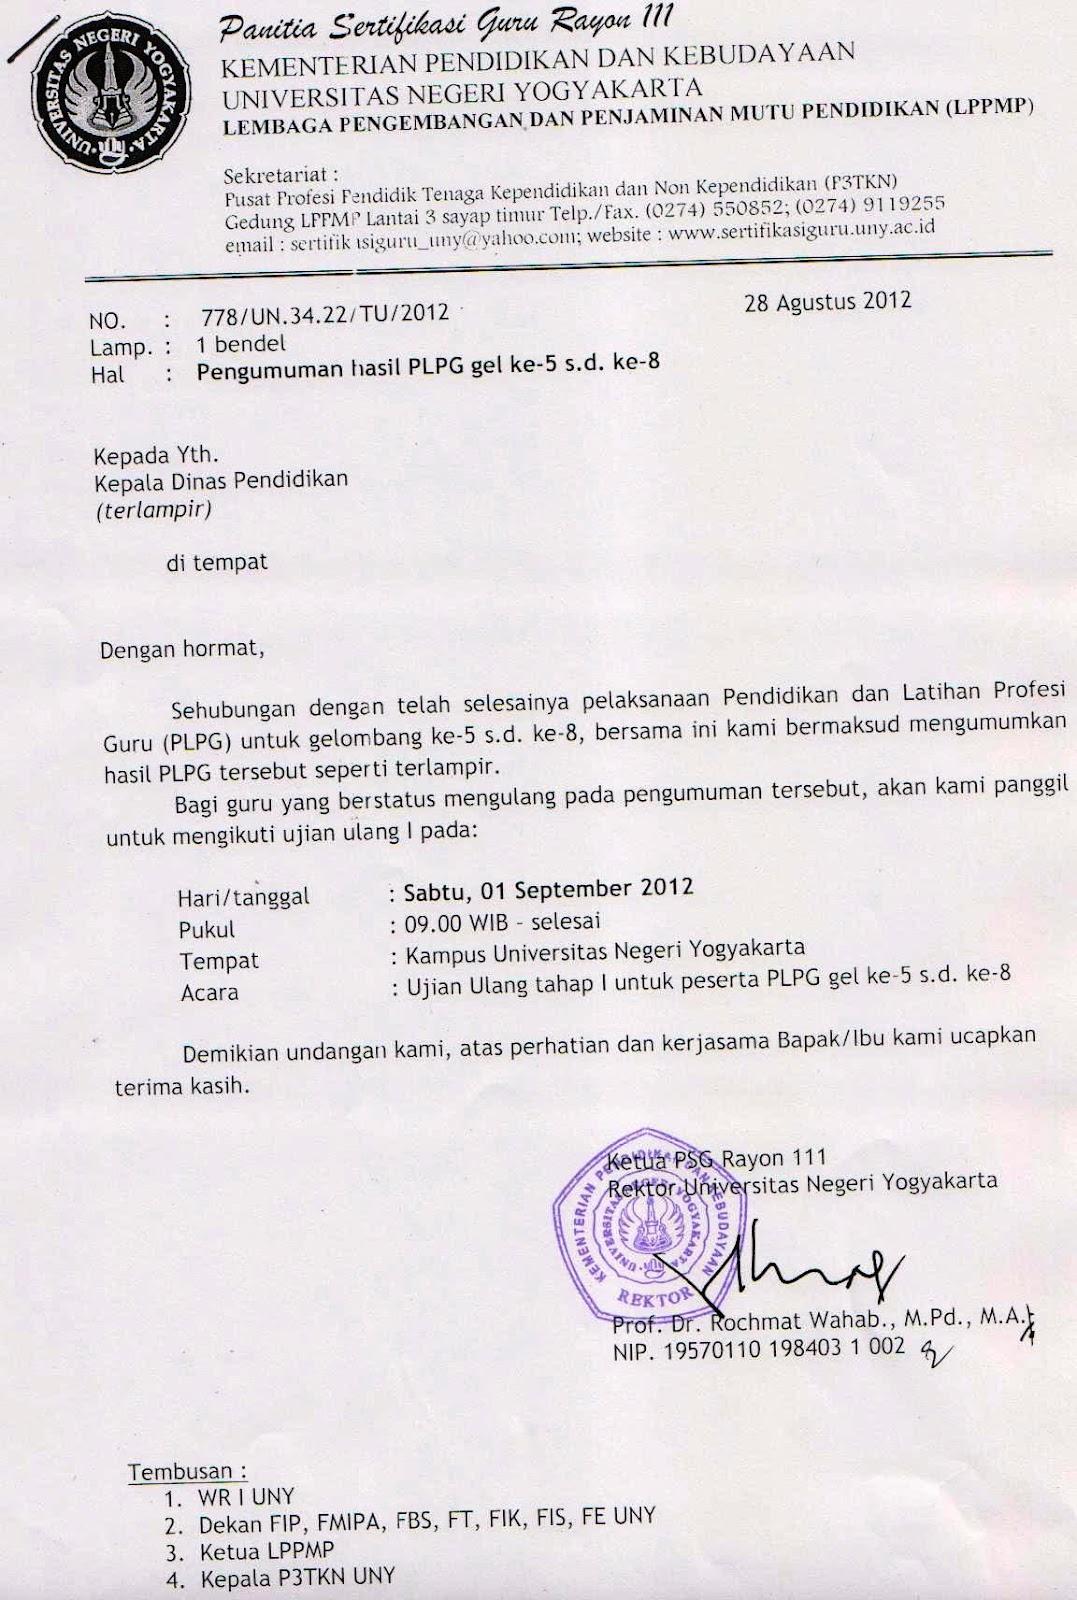 PLPG Gelombang ke-5 s.d. ke-8. Rayon UNY Yokjalarta sebagai berikut ...